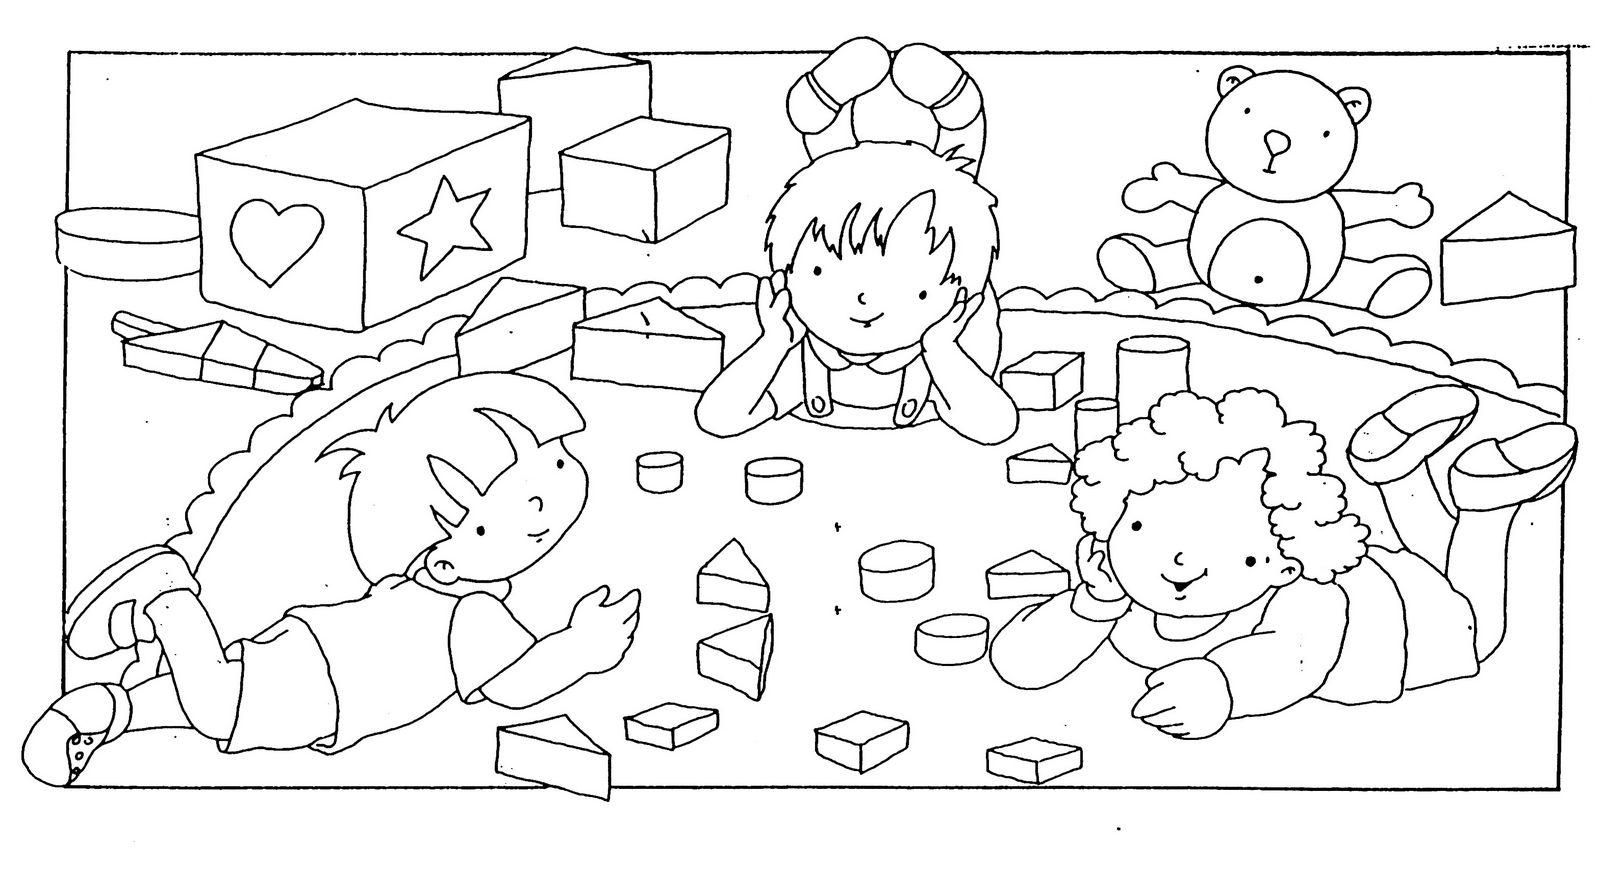 Banco De Imagenes Y Fotos Gratis Dibujos Dia Del Niño Para Pintar